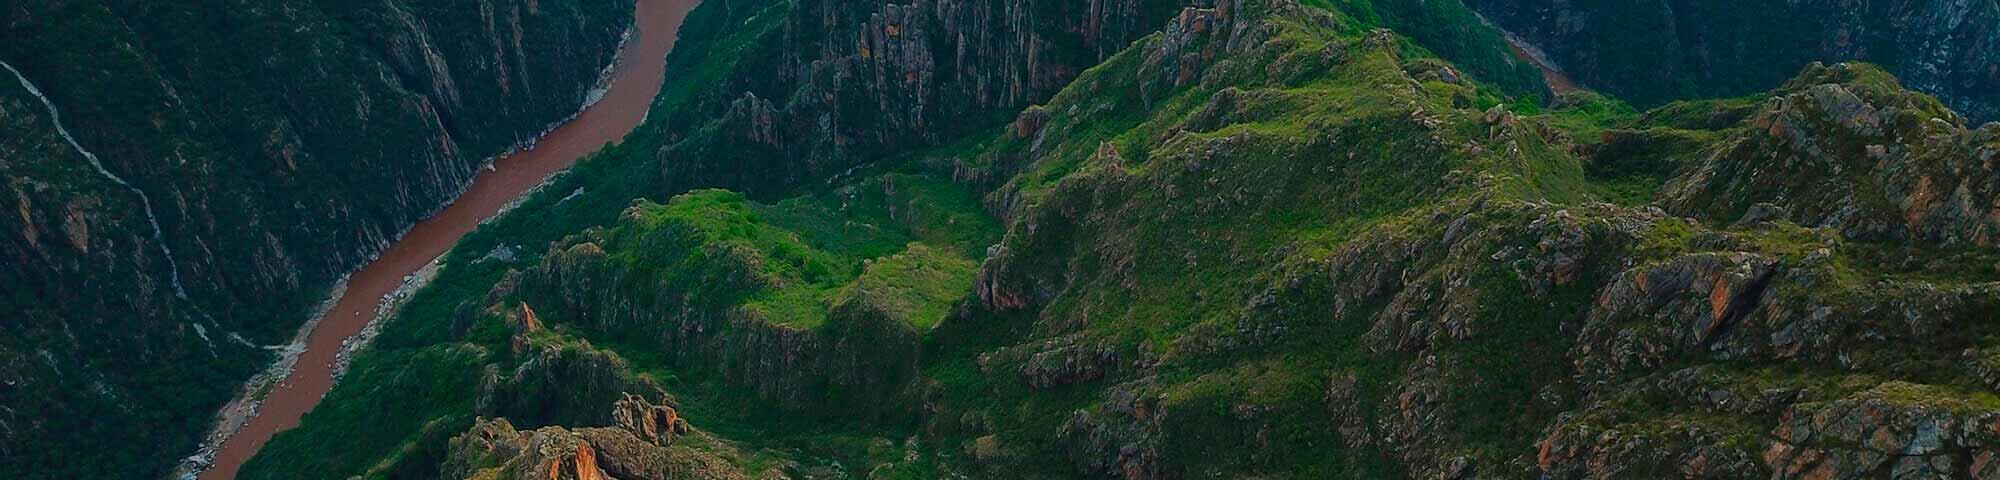 Cañón del Apurímac